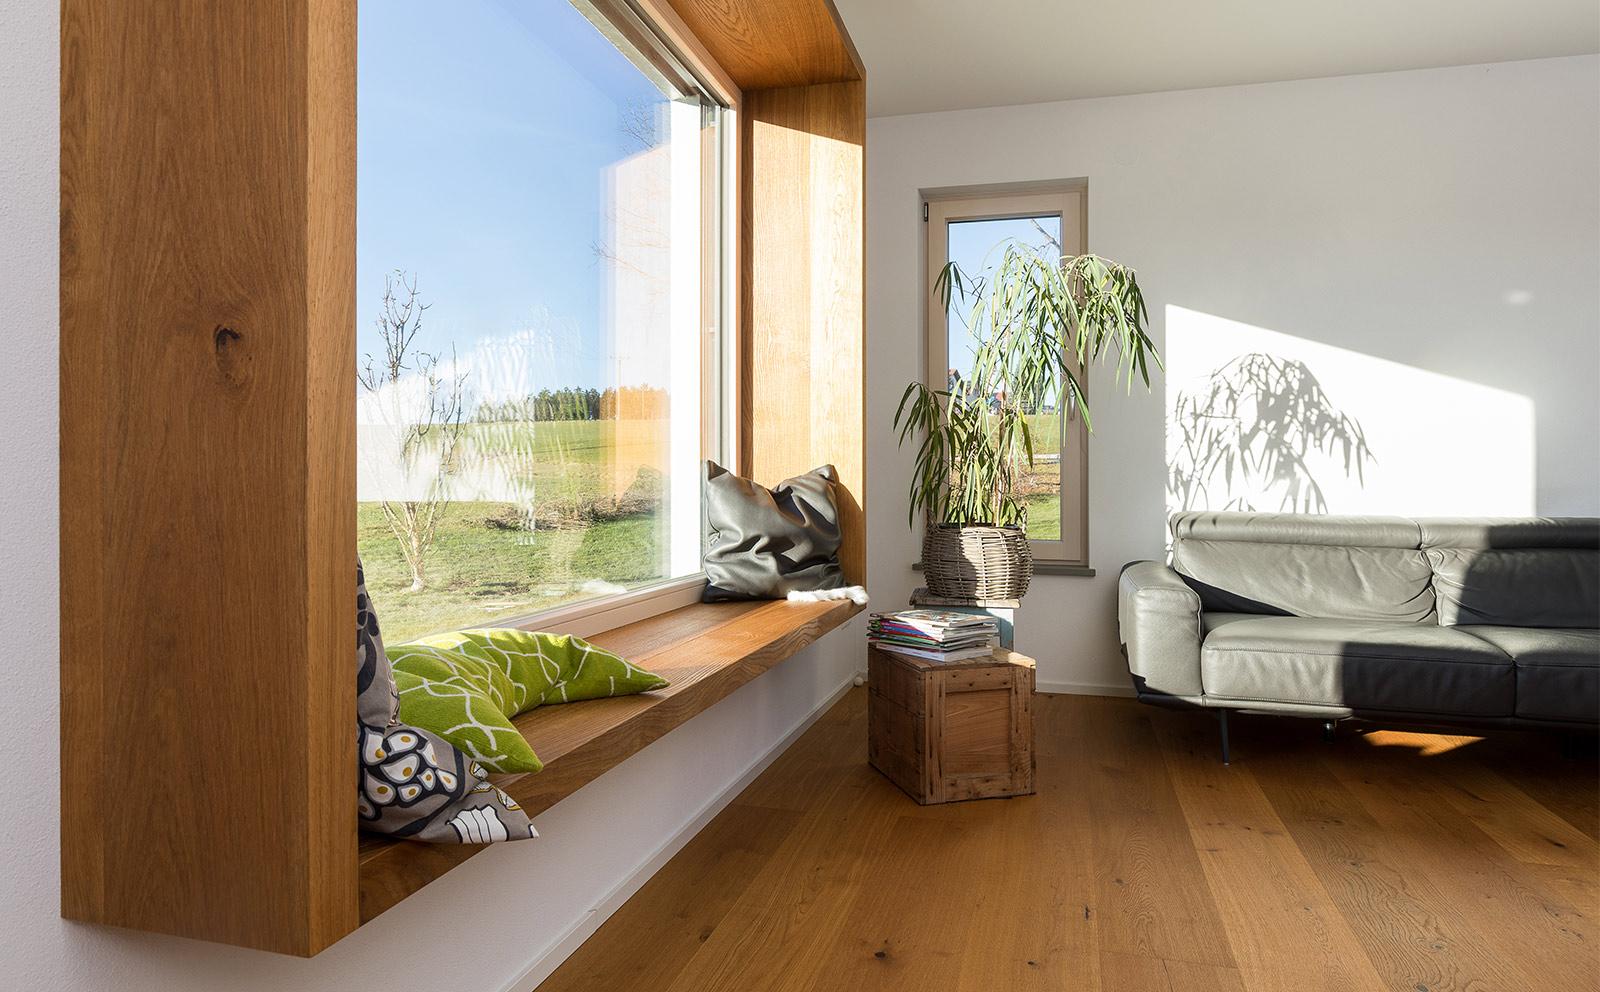 Sitzfenster aus Holz